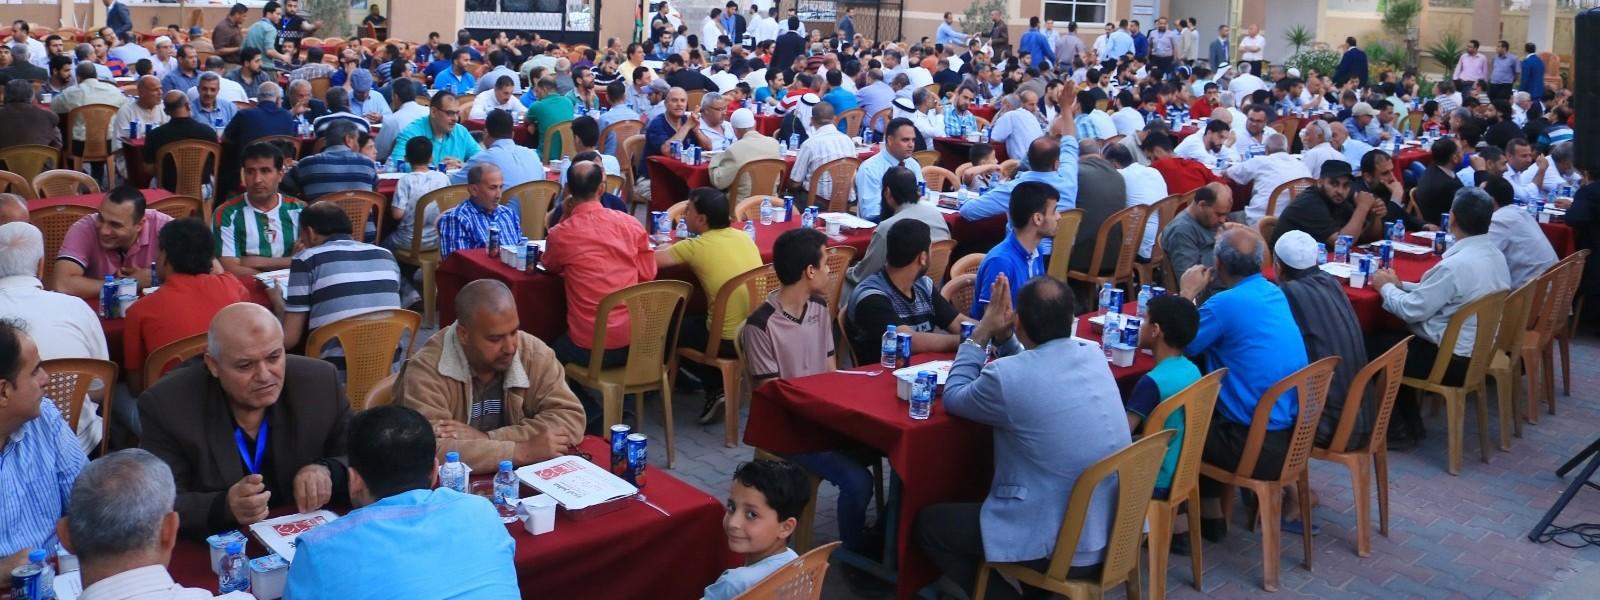 جامعة الإسراء تقيم افطارها الرمضاني السنوي الخامس